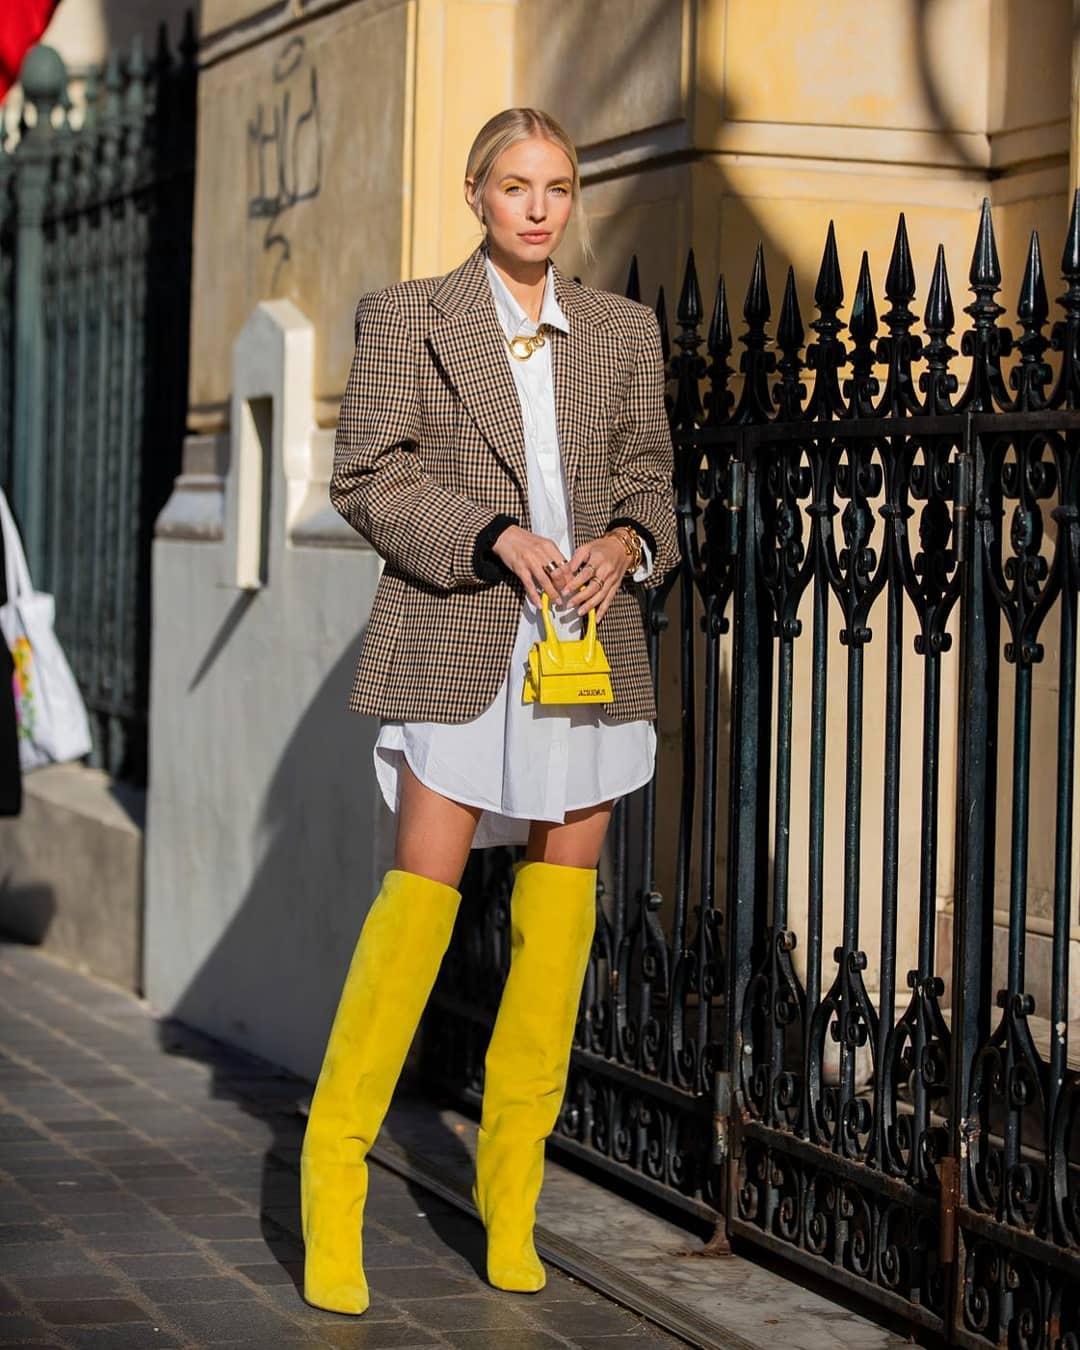 Mặc đẹp cùng cách ohối đồ kiểu giấu quần với vest phom rộng và sơ mi trắng